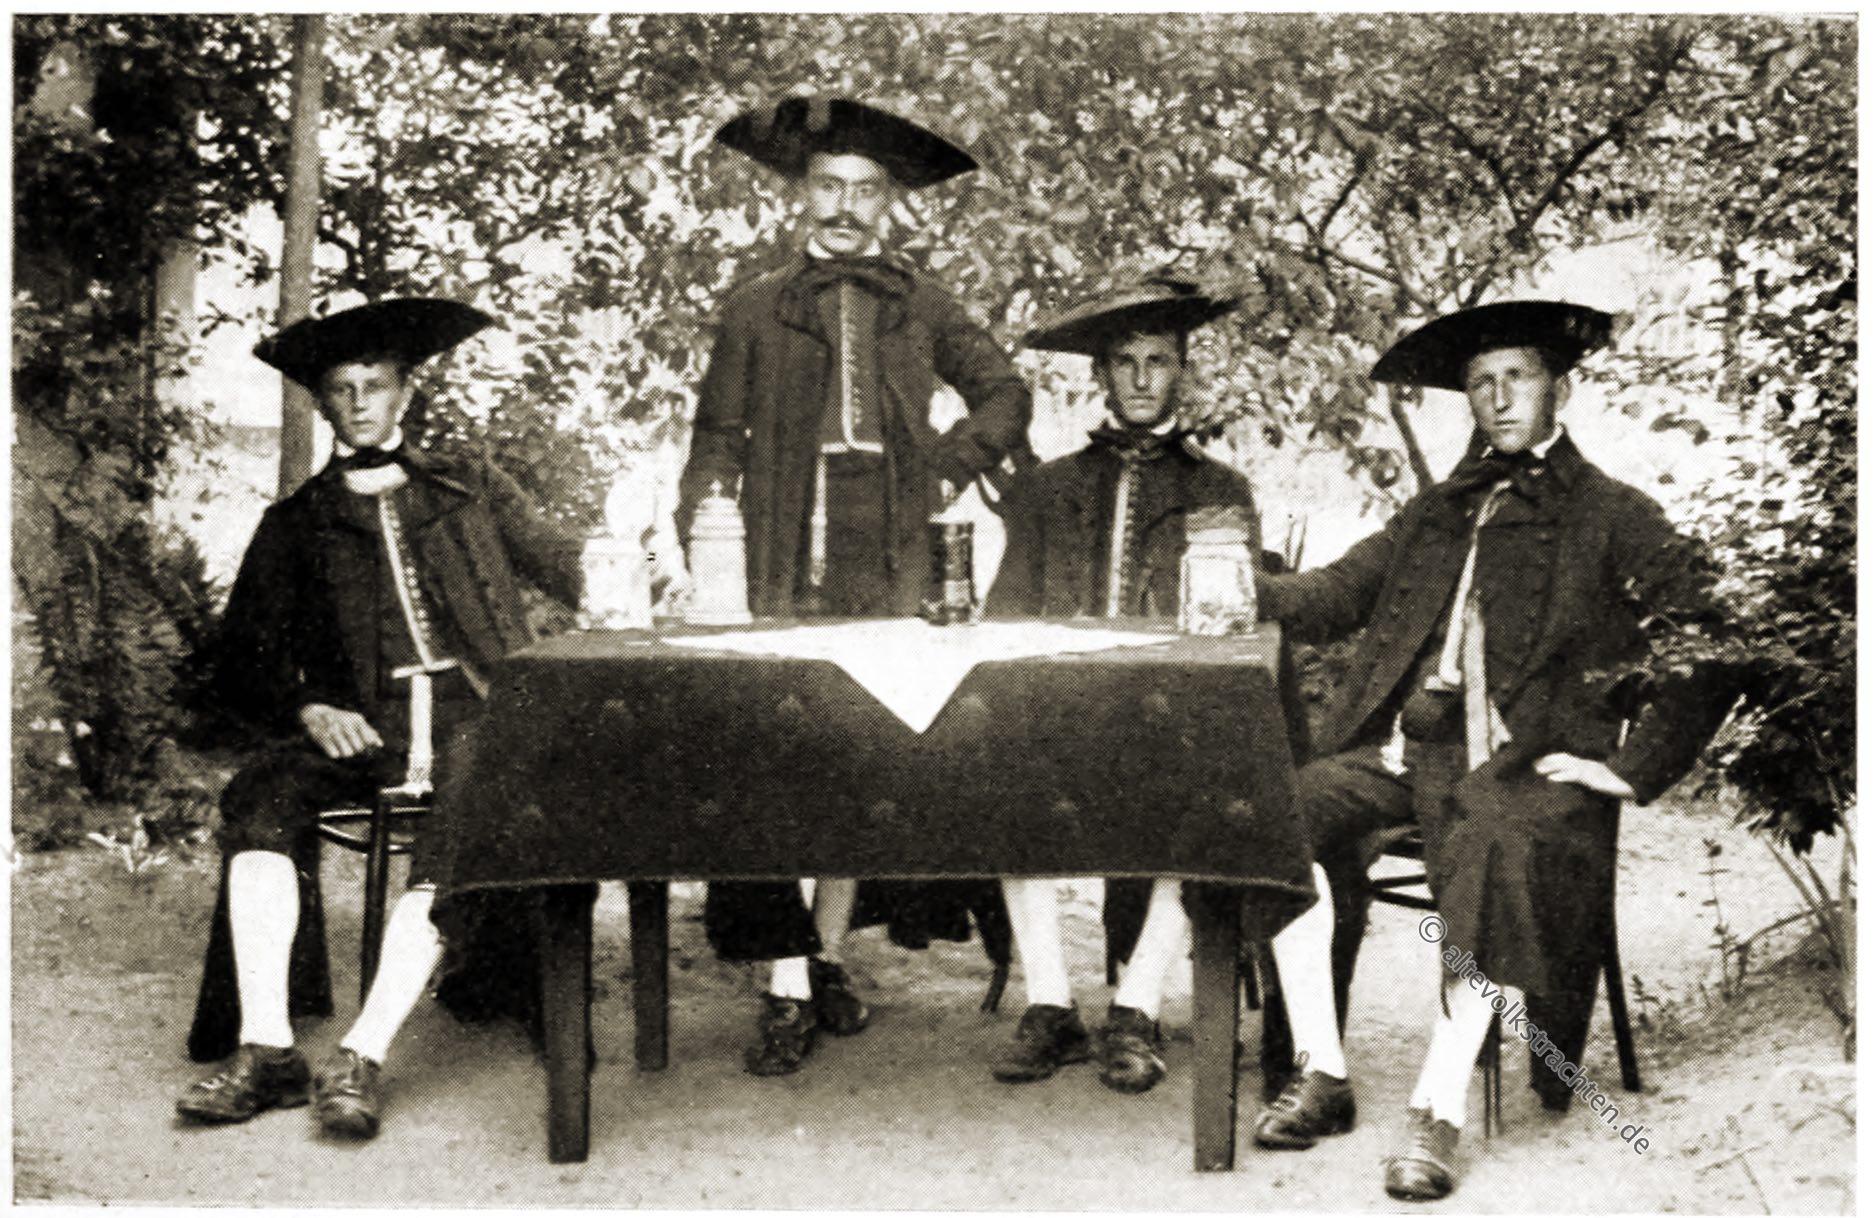 Oberfranken, Effeltricht, Bauerntrachten, Trachten, Rose Julien, Deutsche Volkstrachten,